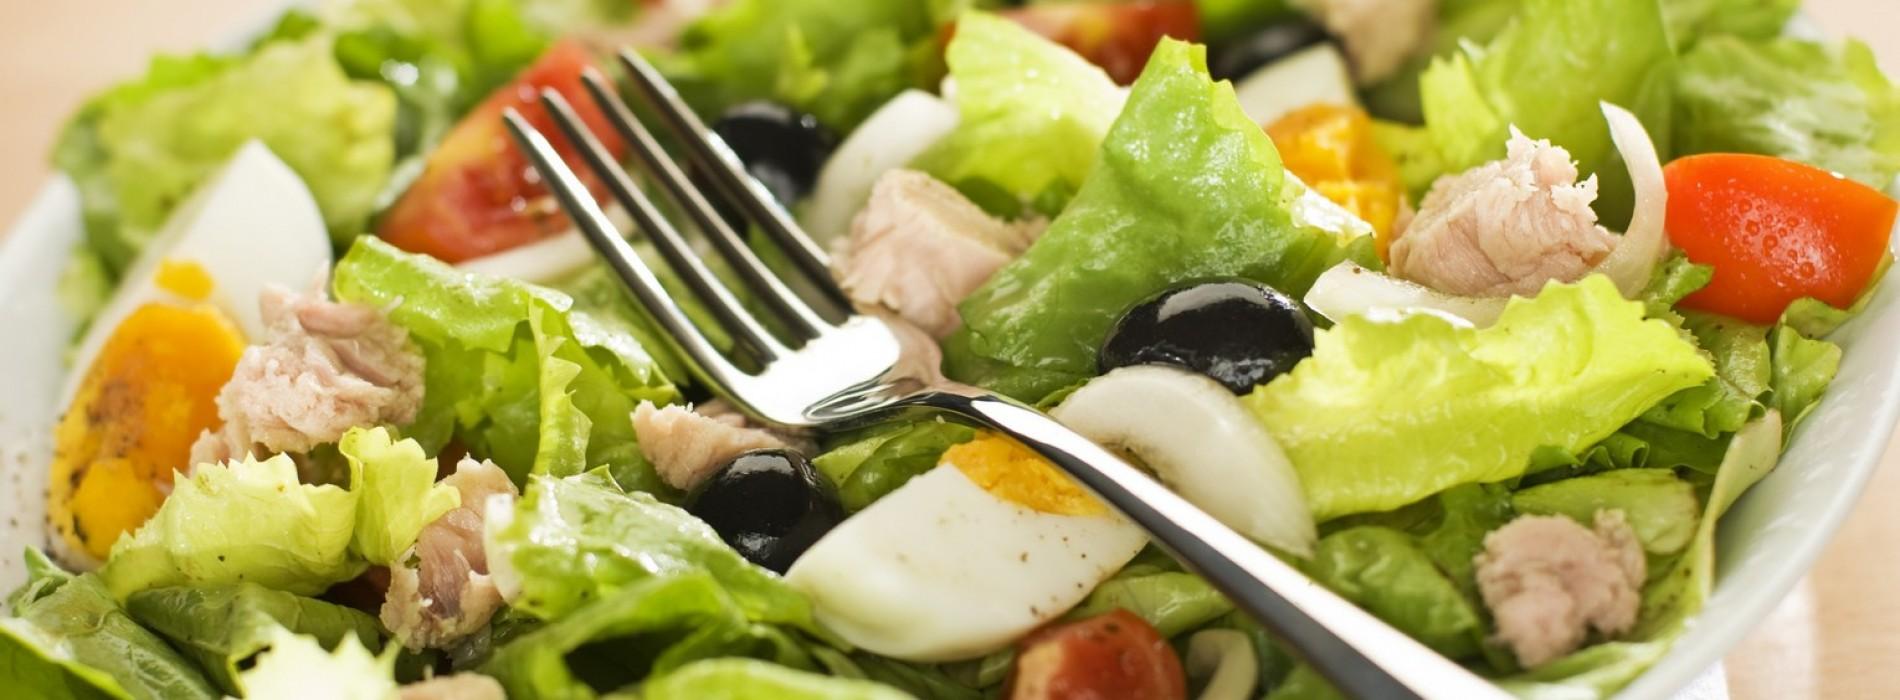 5 redenen om sla te eten